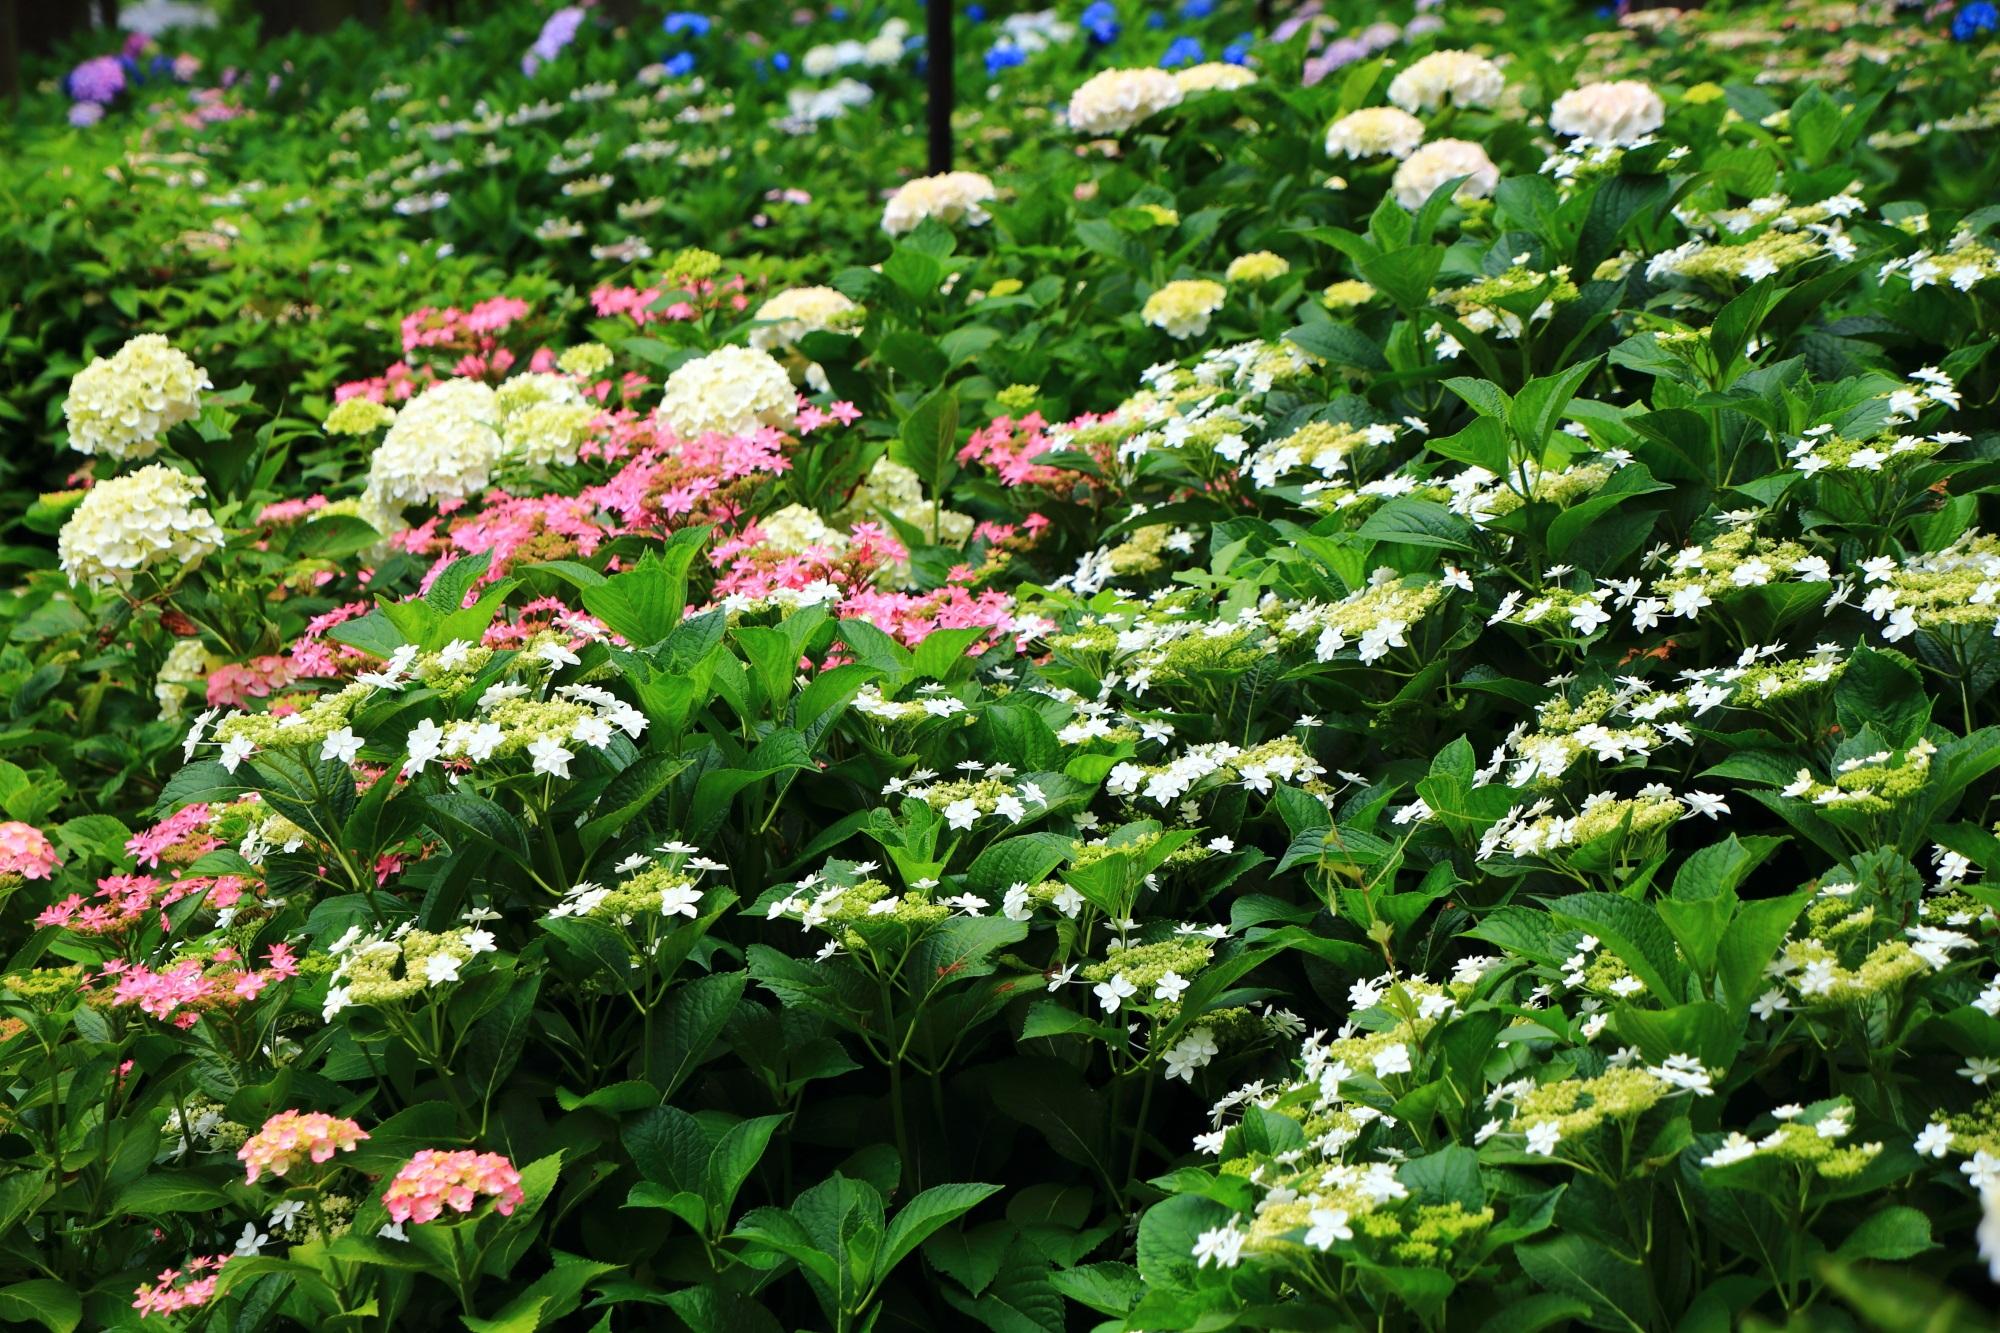 緑の上を揺らめく三室戸寺の華やかな額紫陽花